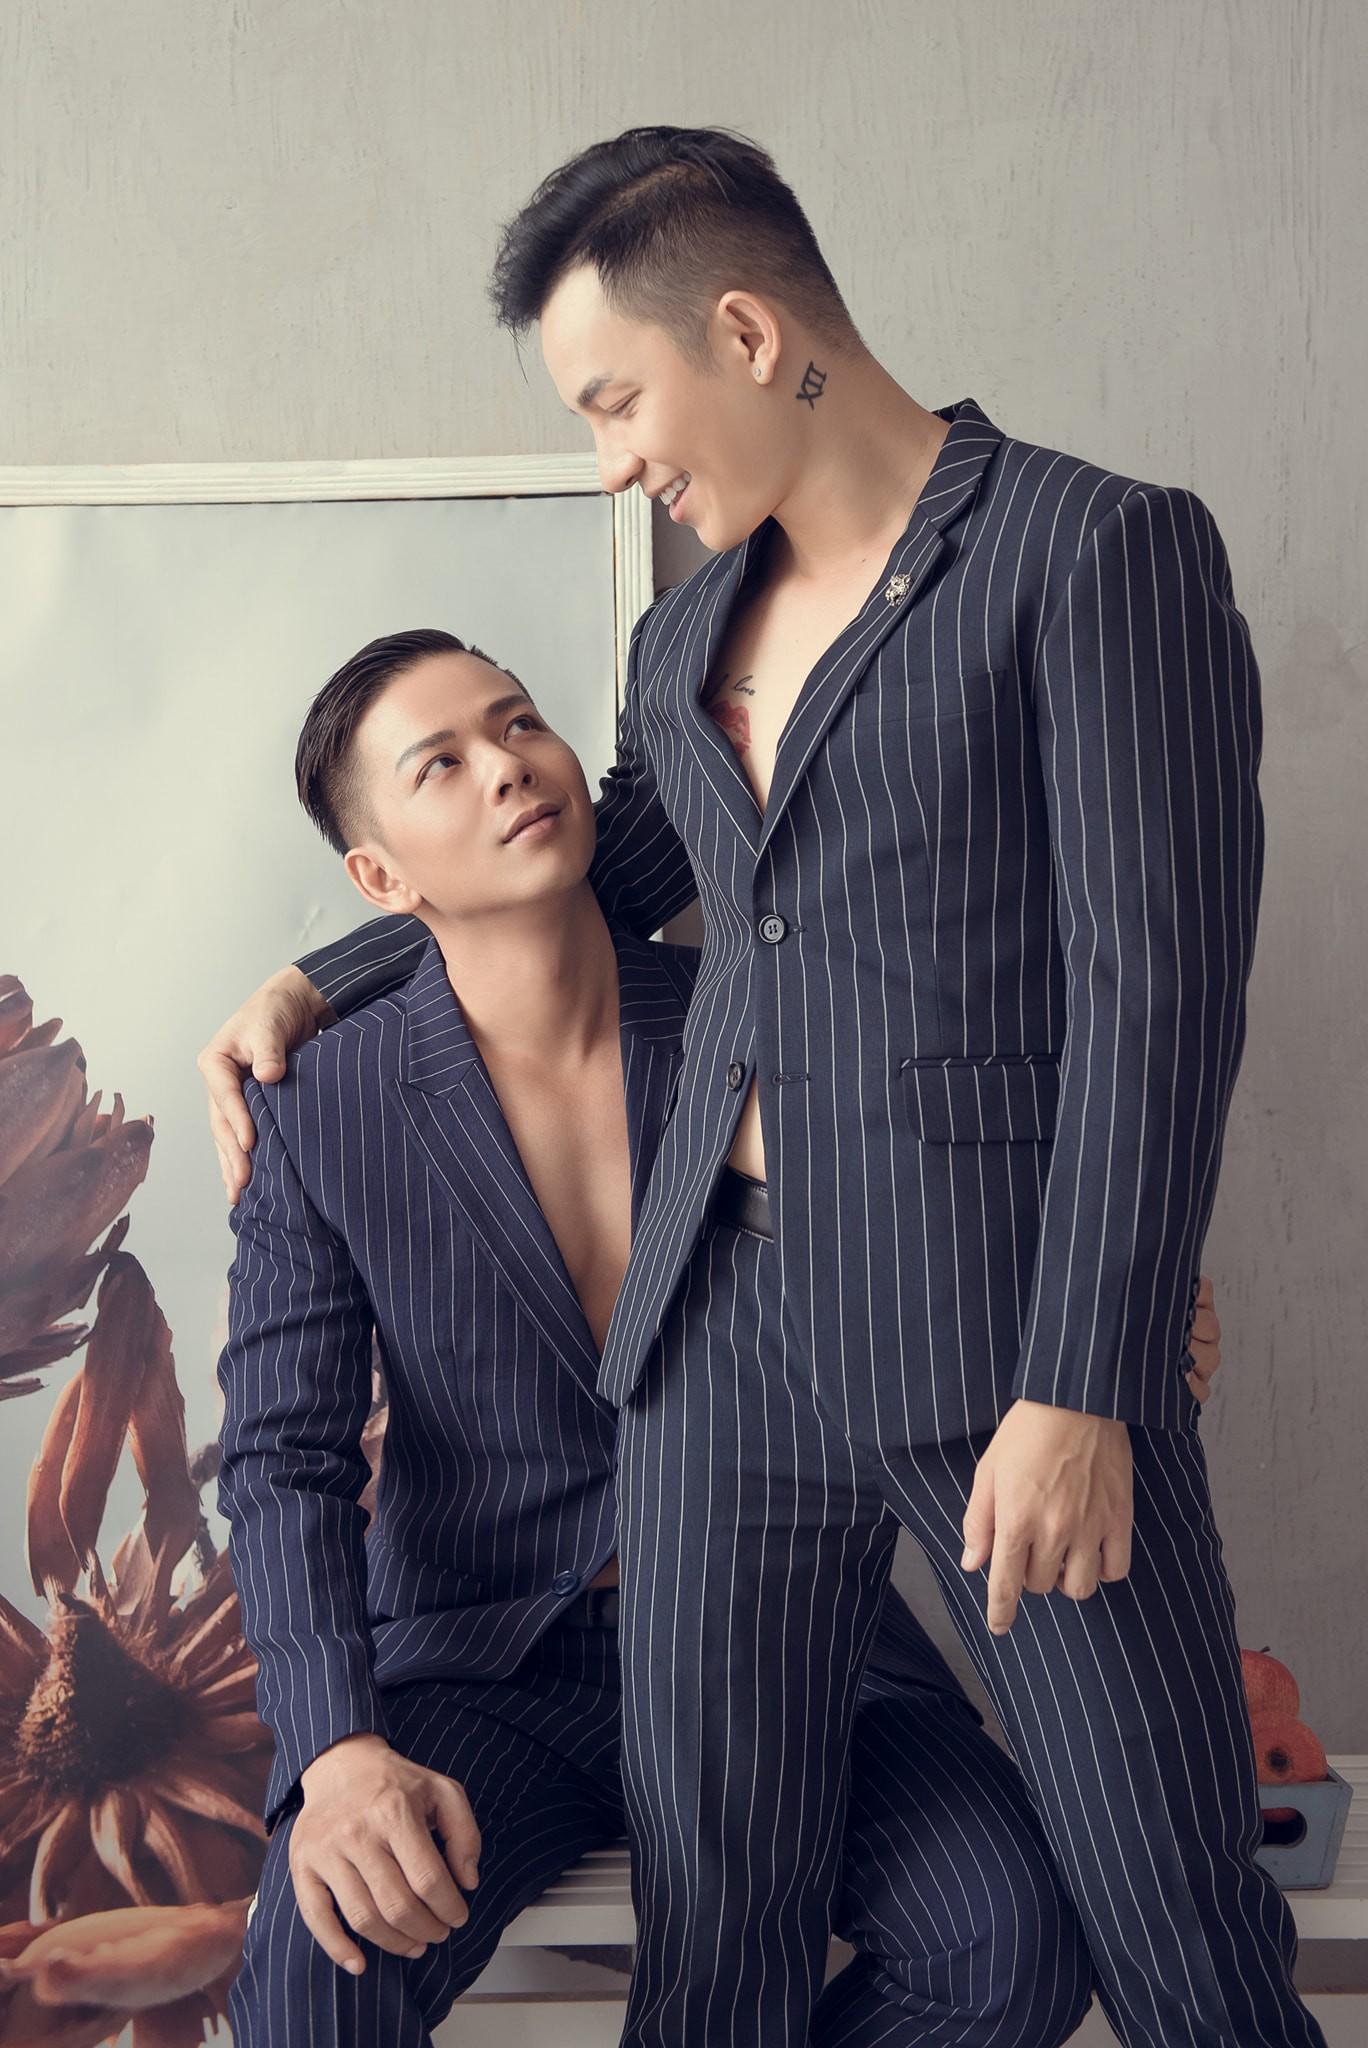 Ngắm nhìn những bức ảnh đẹp của cặp đôi LGBT Sơn Tùng và Đức Hiền của Người ấy là ai tập 8  - Ảnh 7.